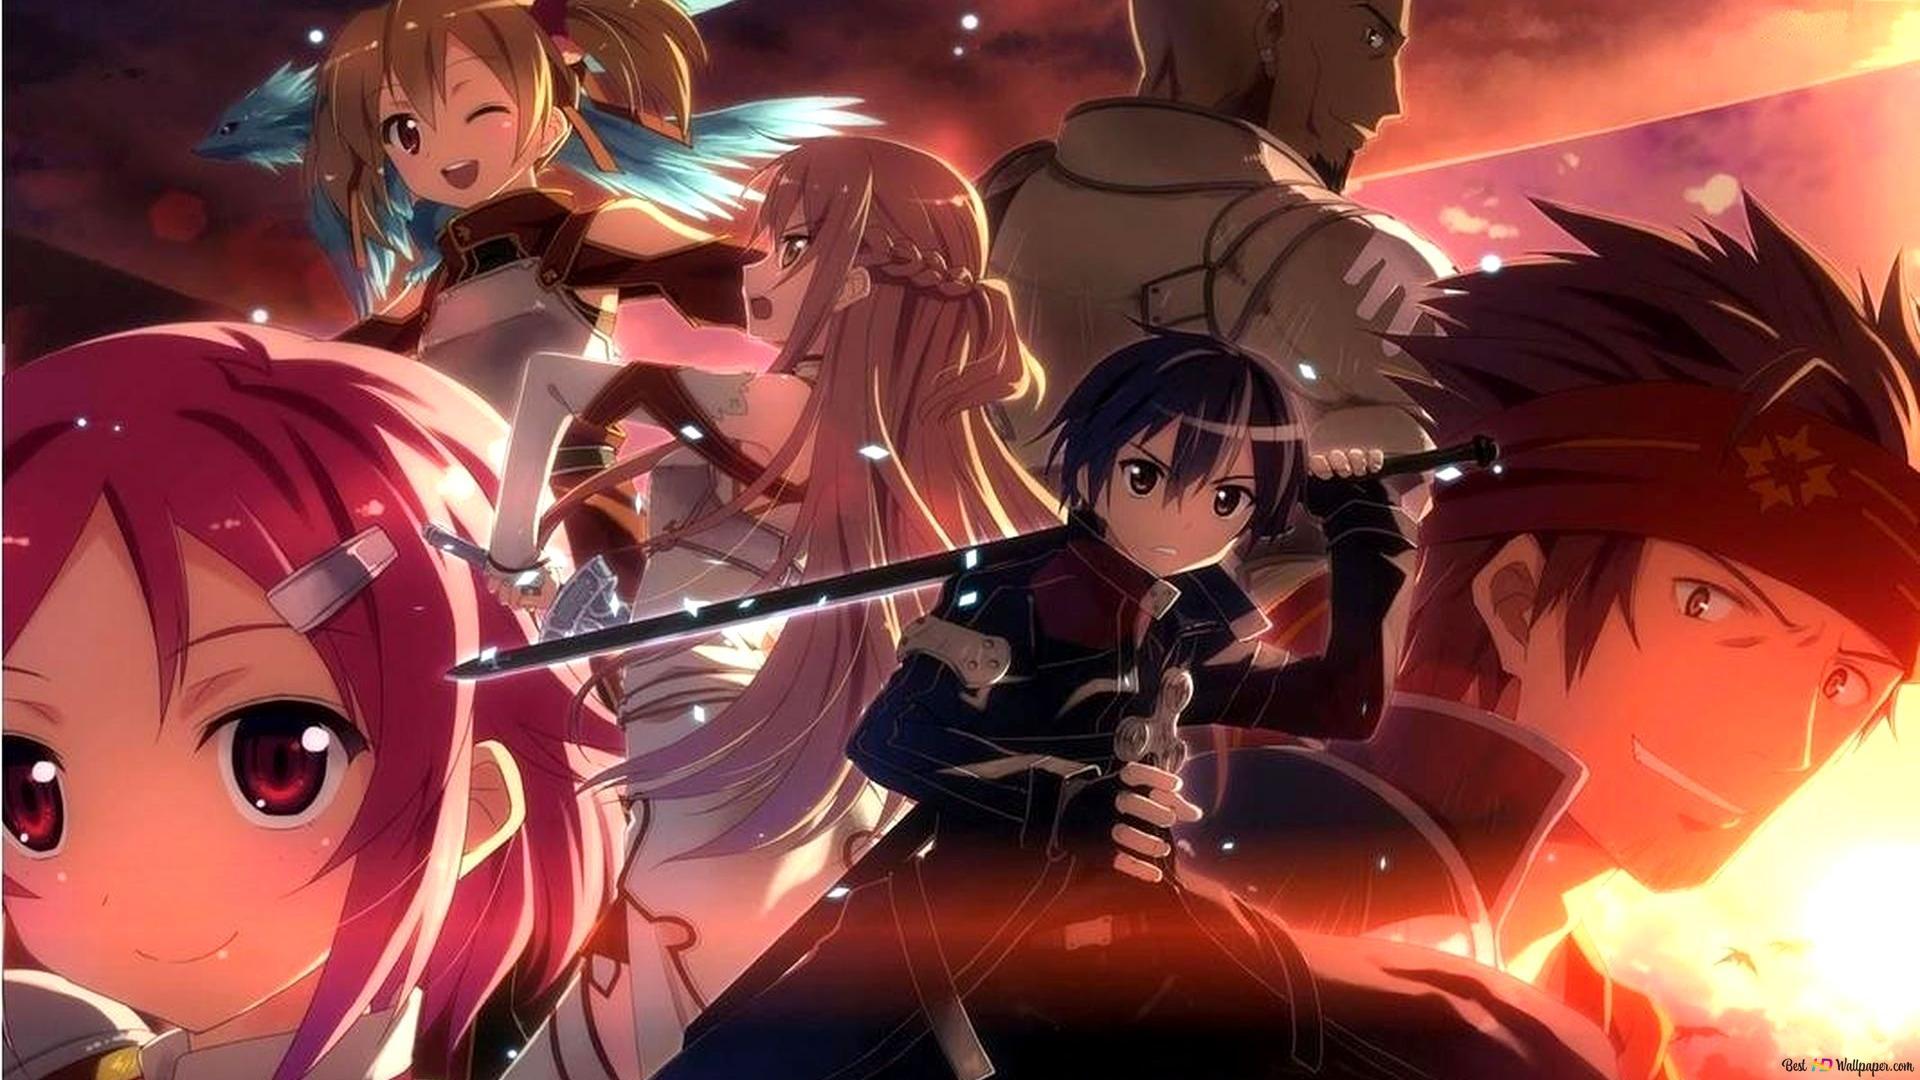 Descargar Fondo De Pantalla Sword Art Online Profesionales Hd